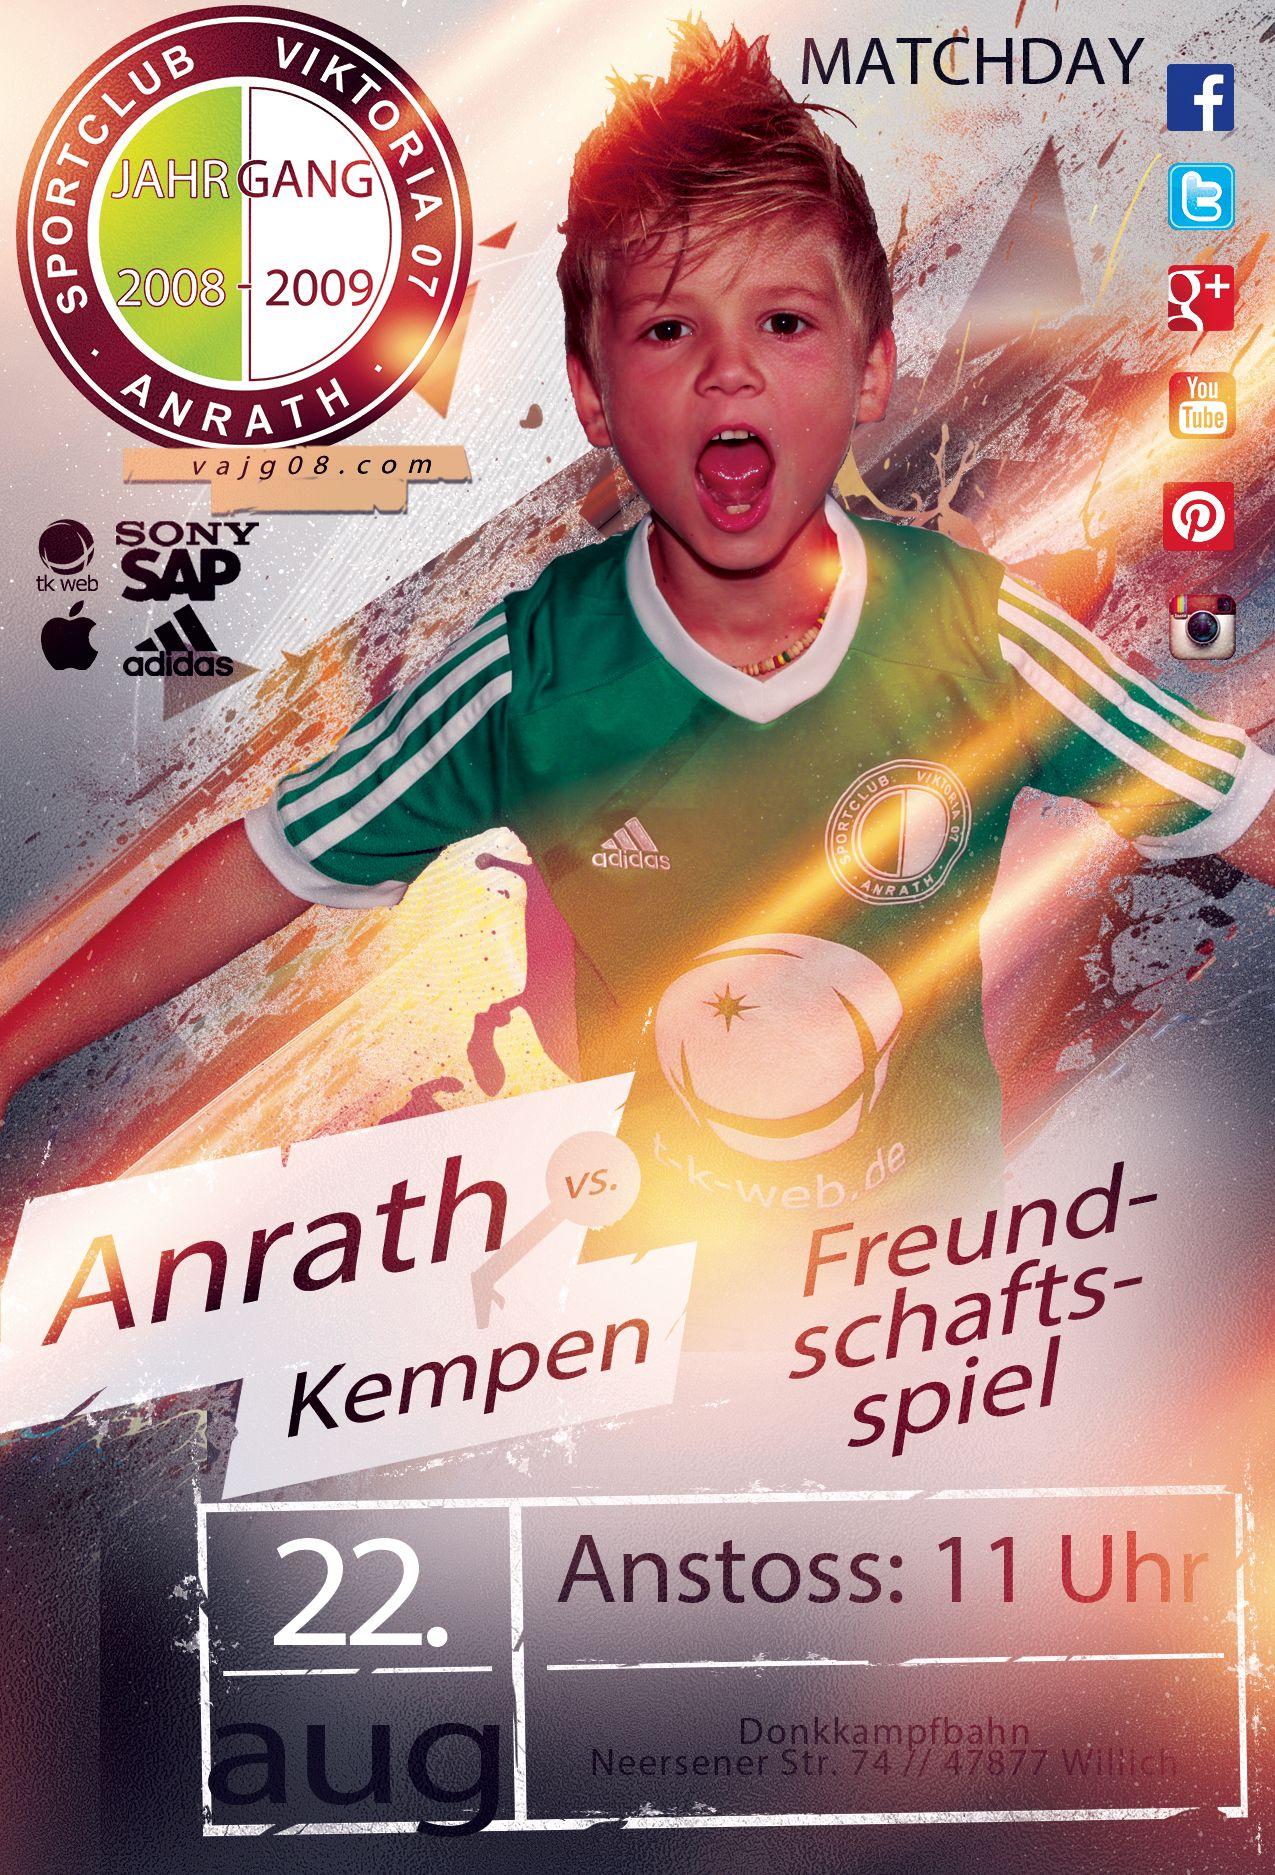 Wir spielen am kommenden Samstag, den 22. August um 11 Uhr zu Hause gegen TS Kempen. Mehr unter vajg08.com